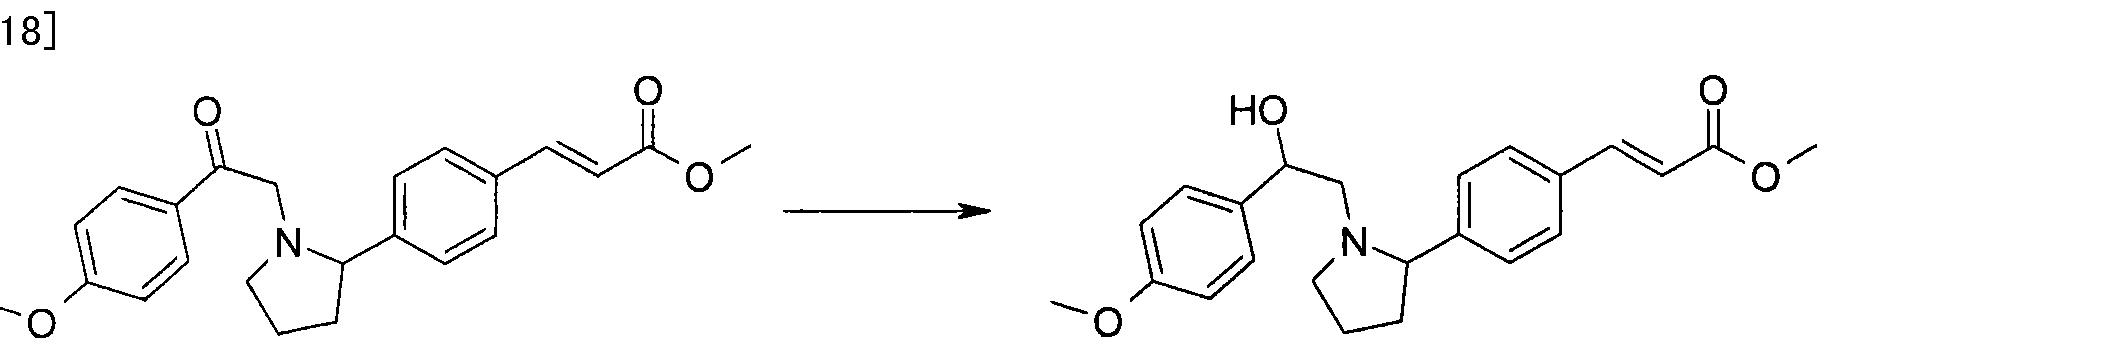 Figure CN102036955BD00583